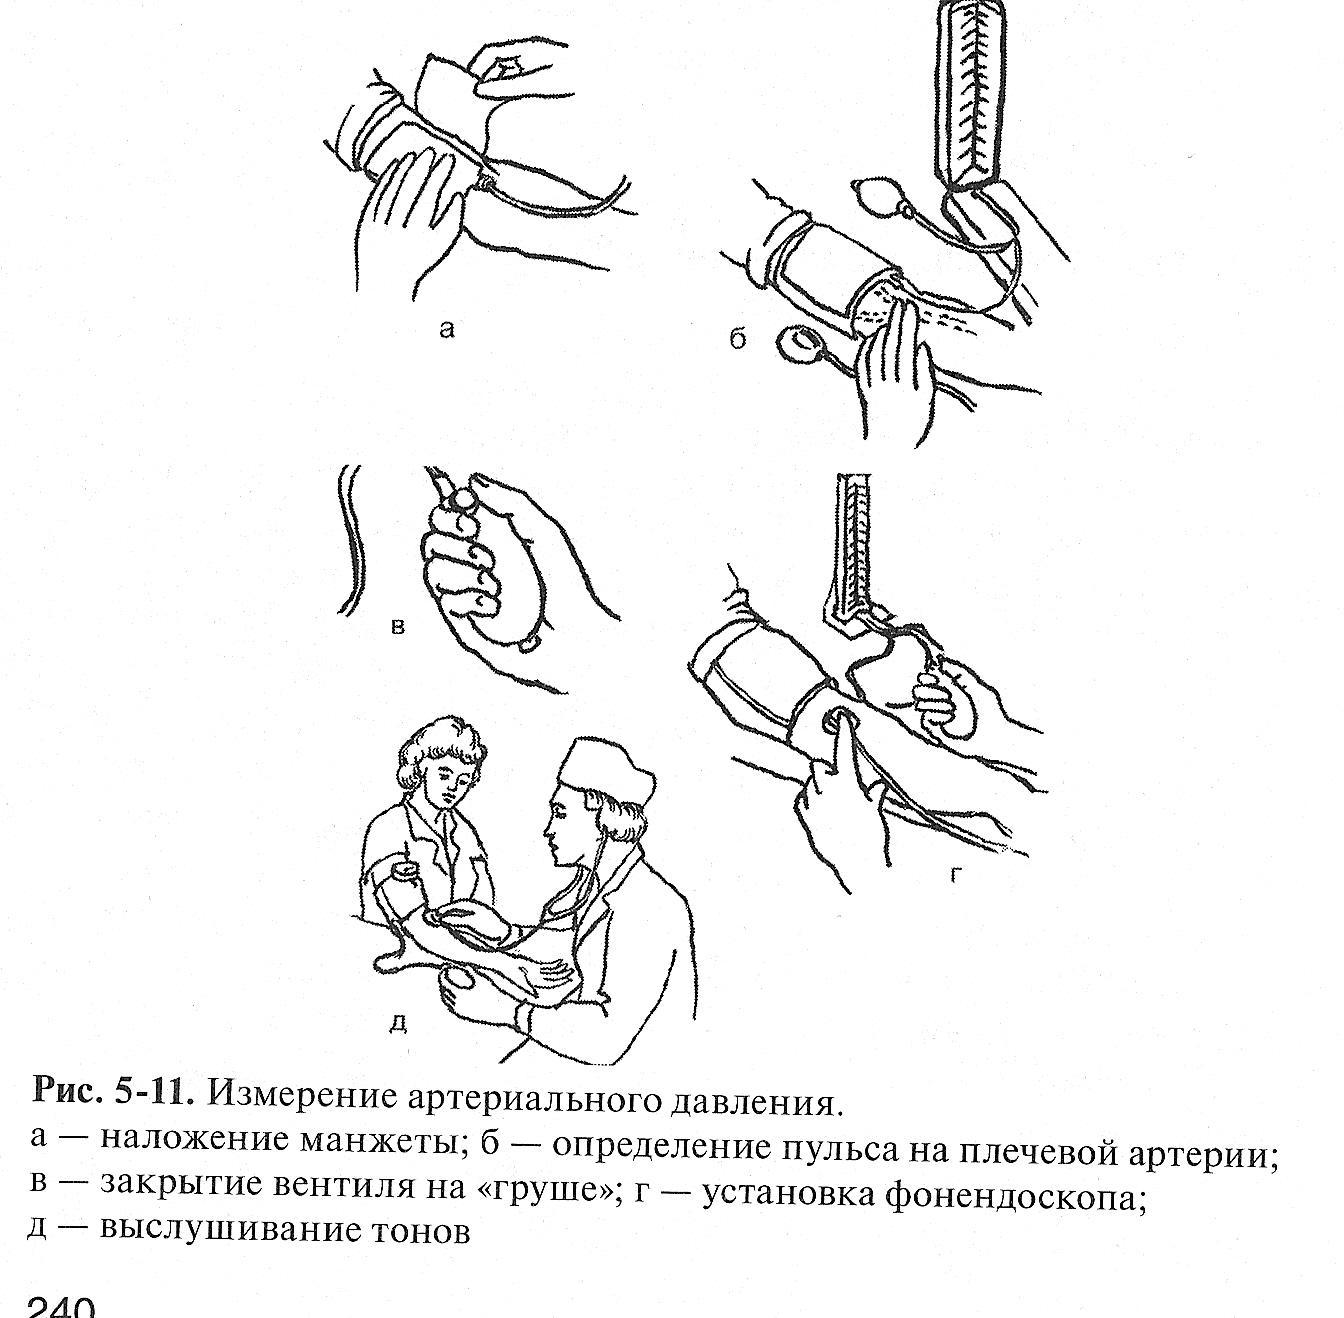 Исследование пульса — Студопедия